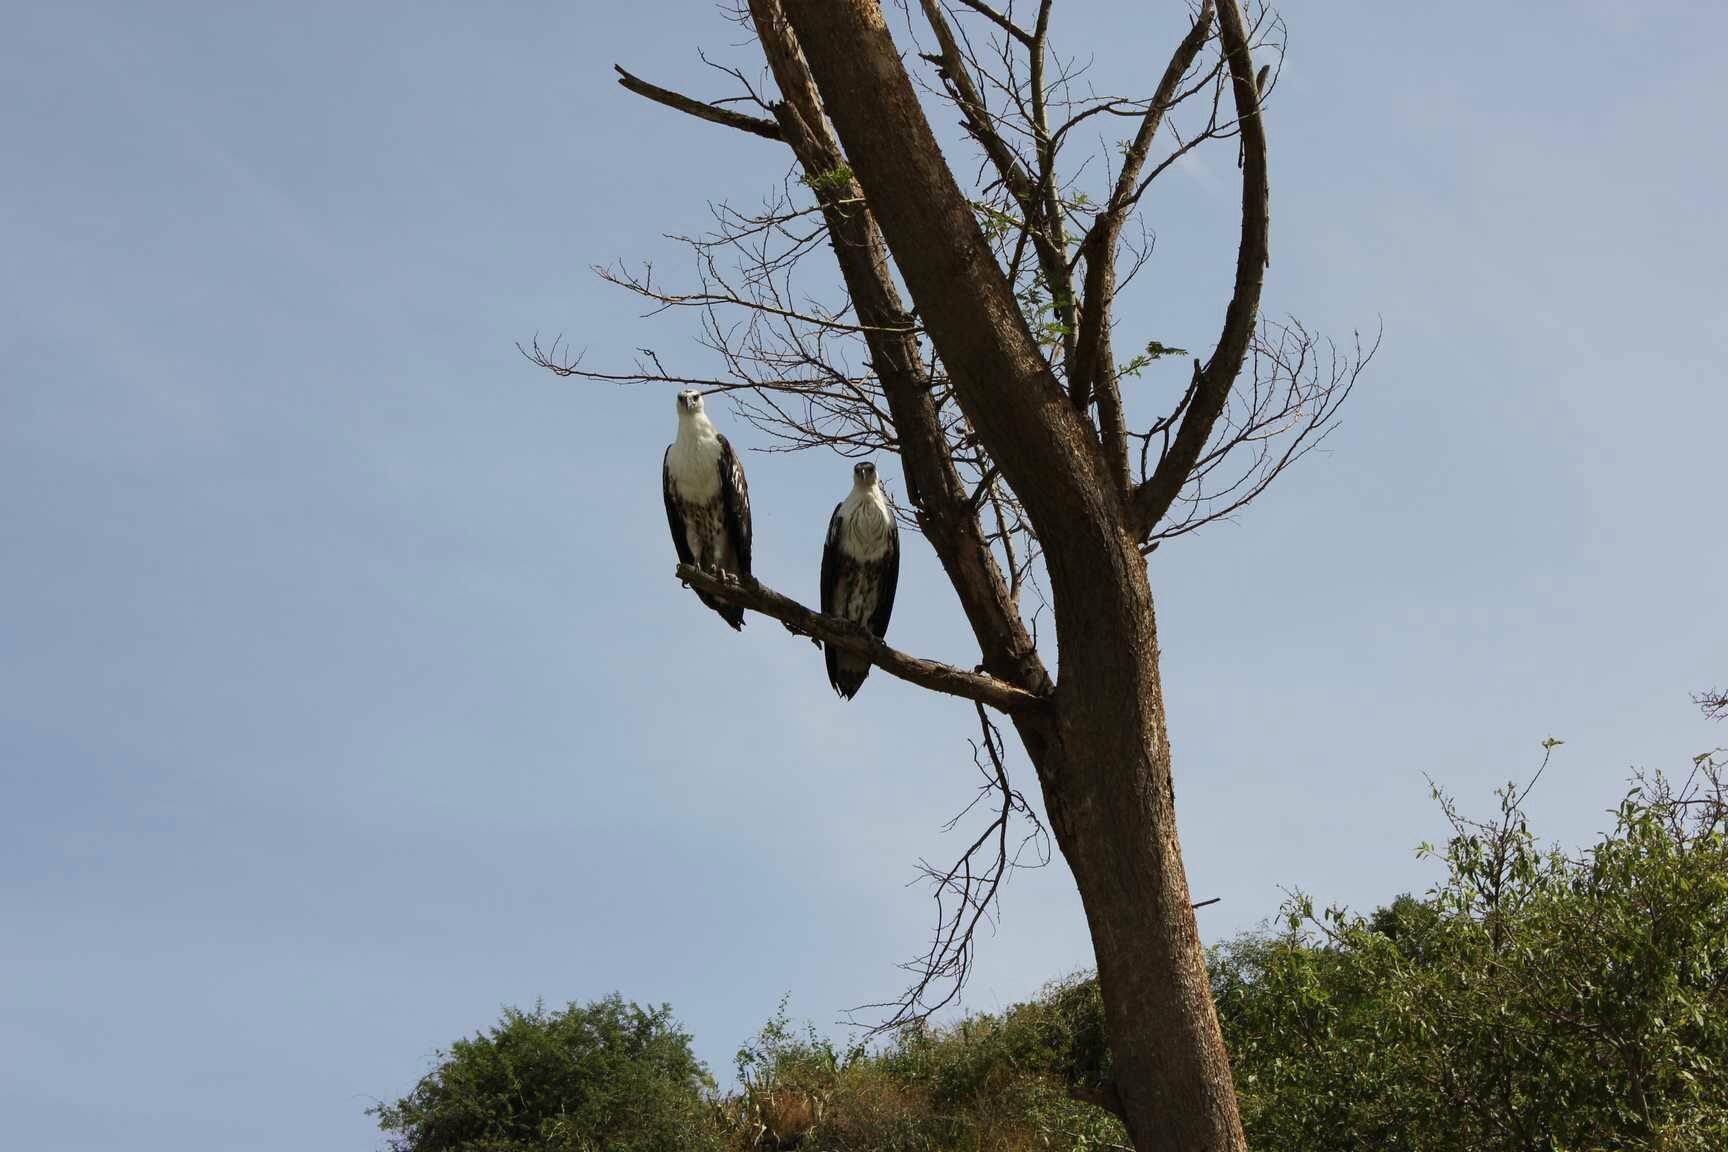 aigles pêcheurs / eagle